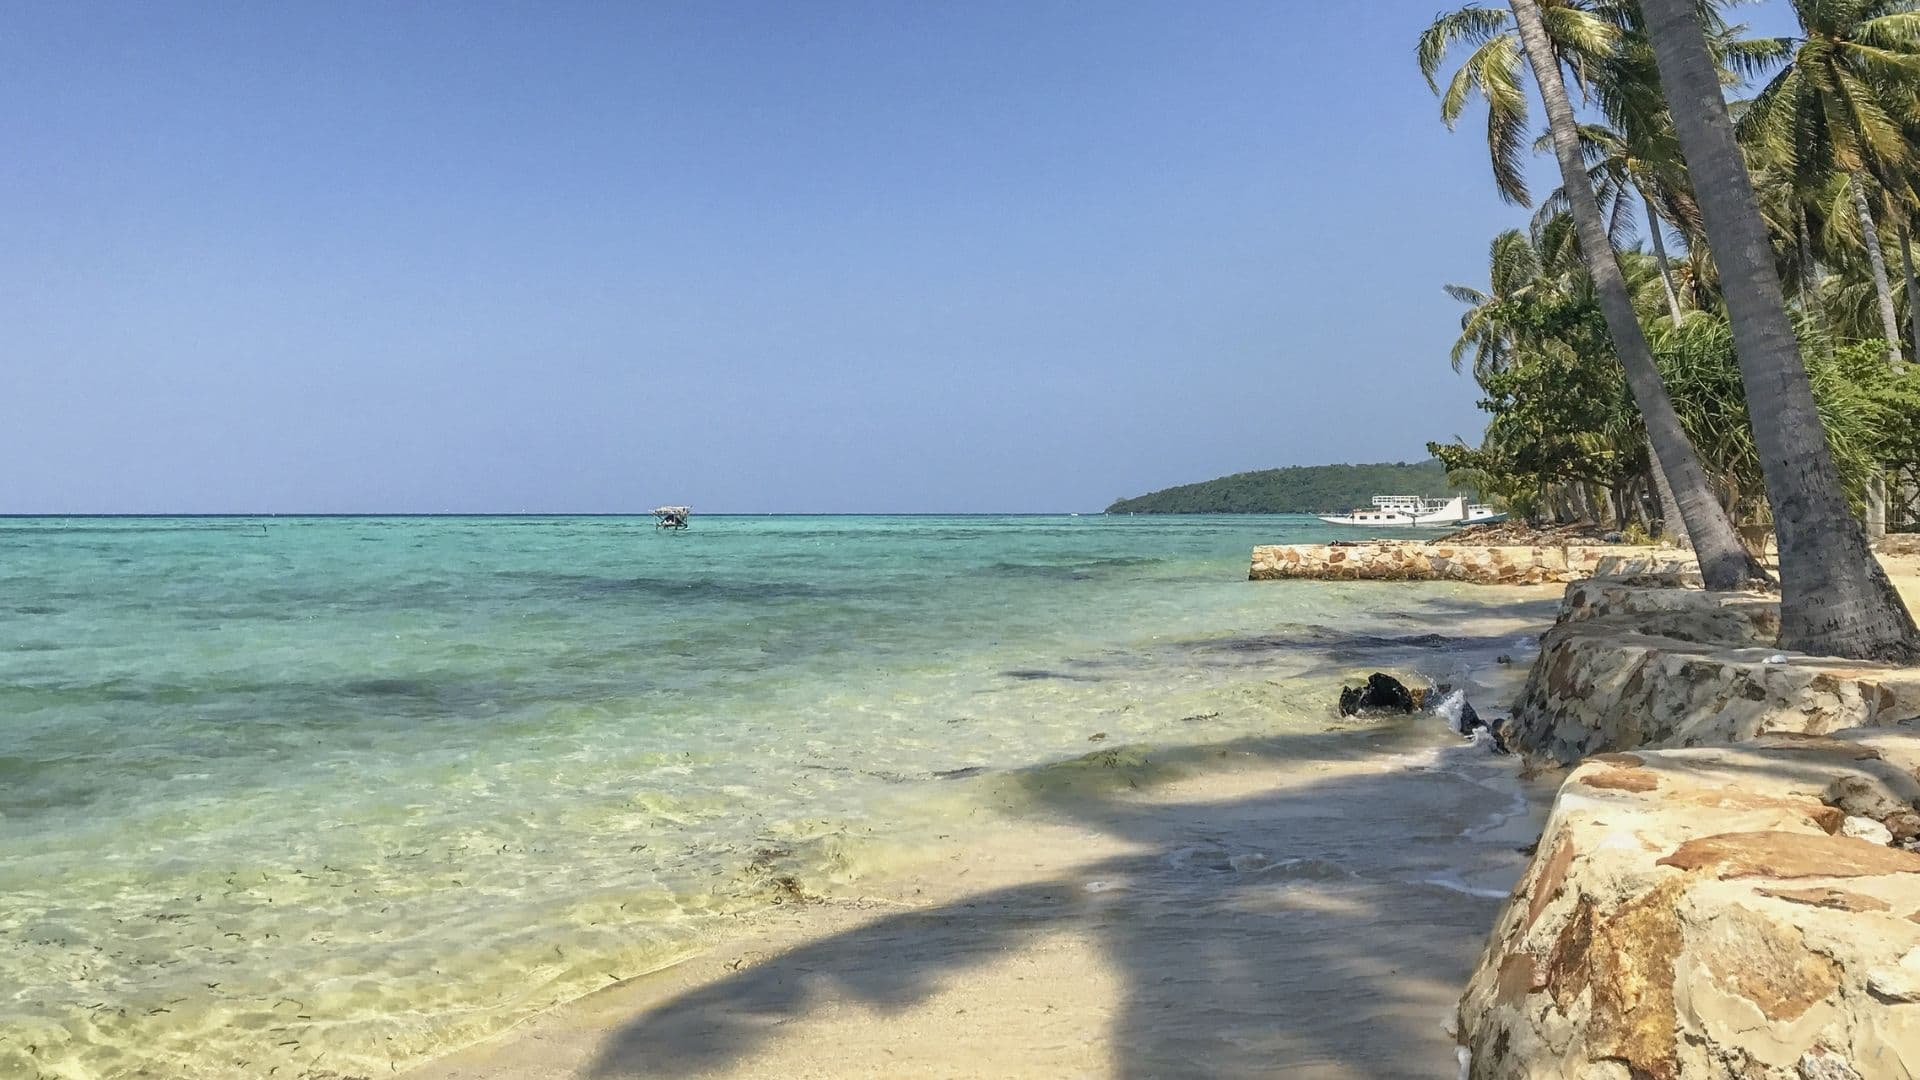 Taman Karimunjawa forma parte de las mejores playas de Asia